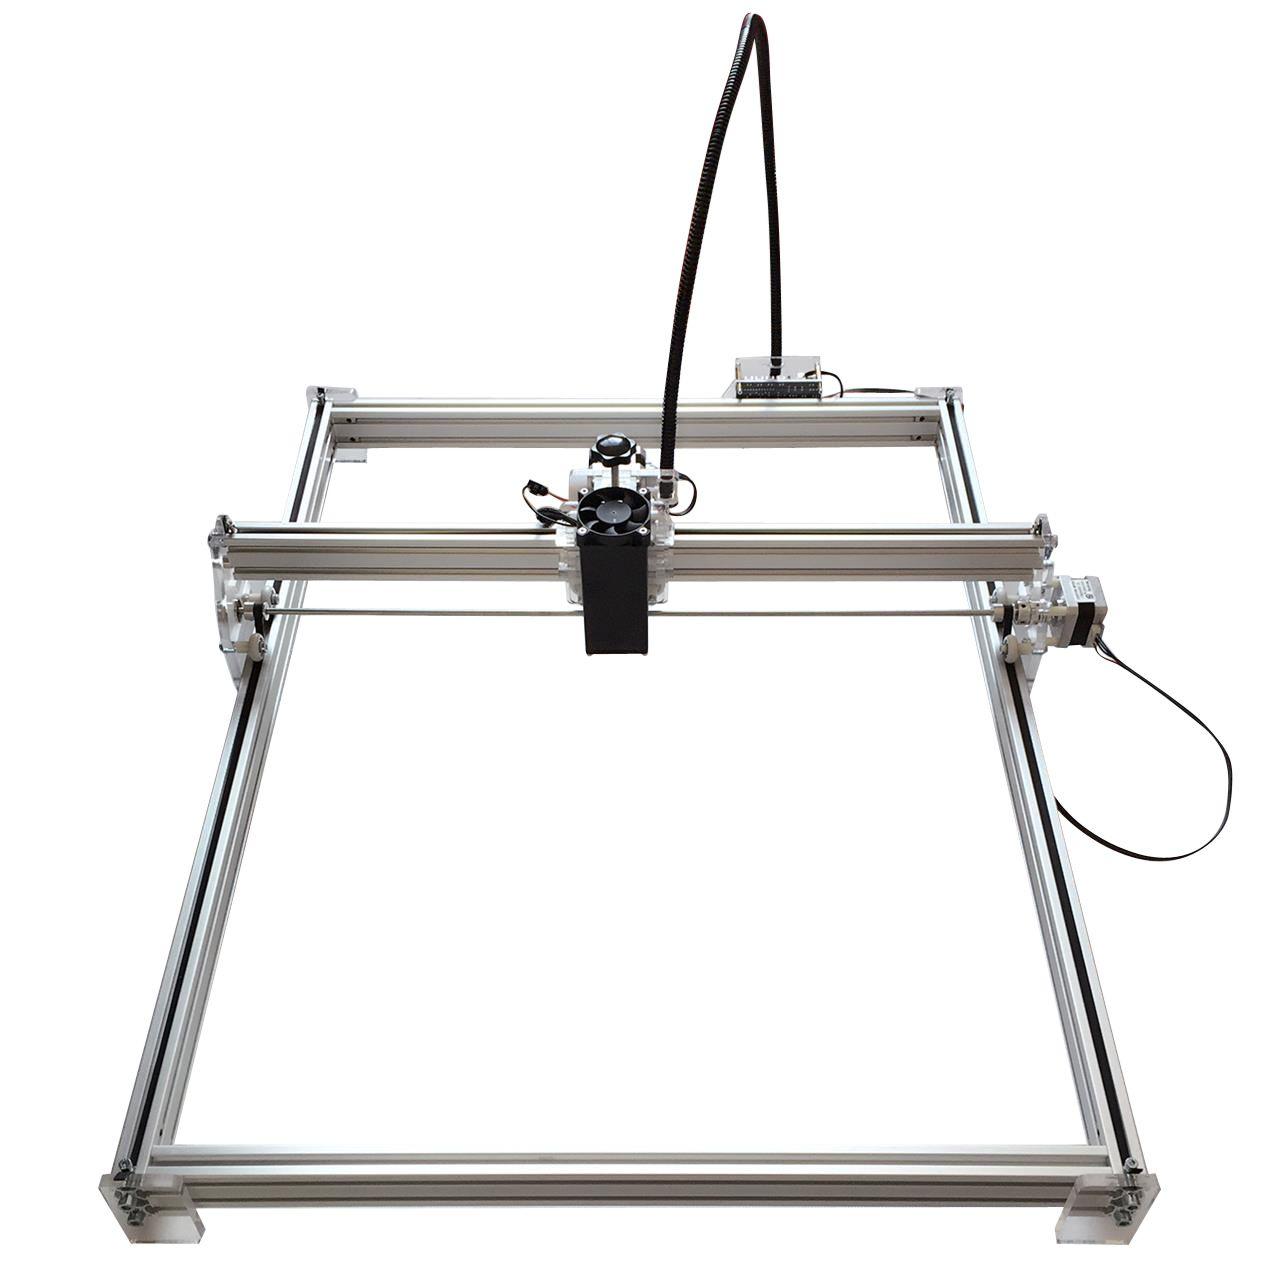 Mw Mini Desktop Diy Laser Engraving Engraver